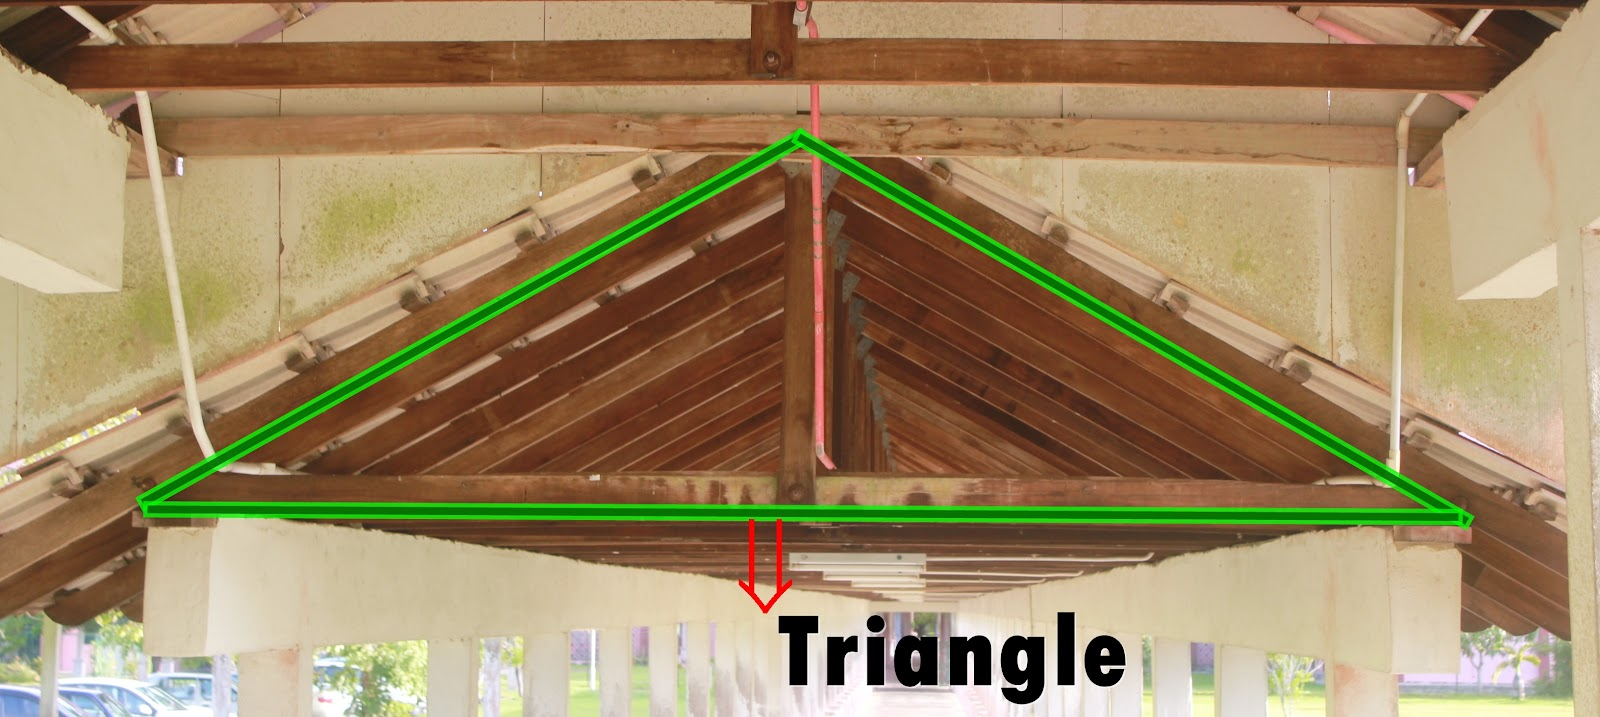 THINGS AROUND US: Triangle around us